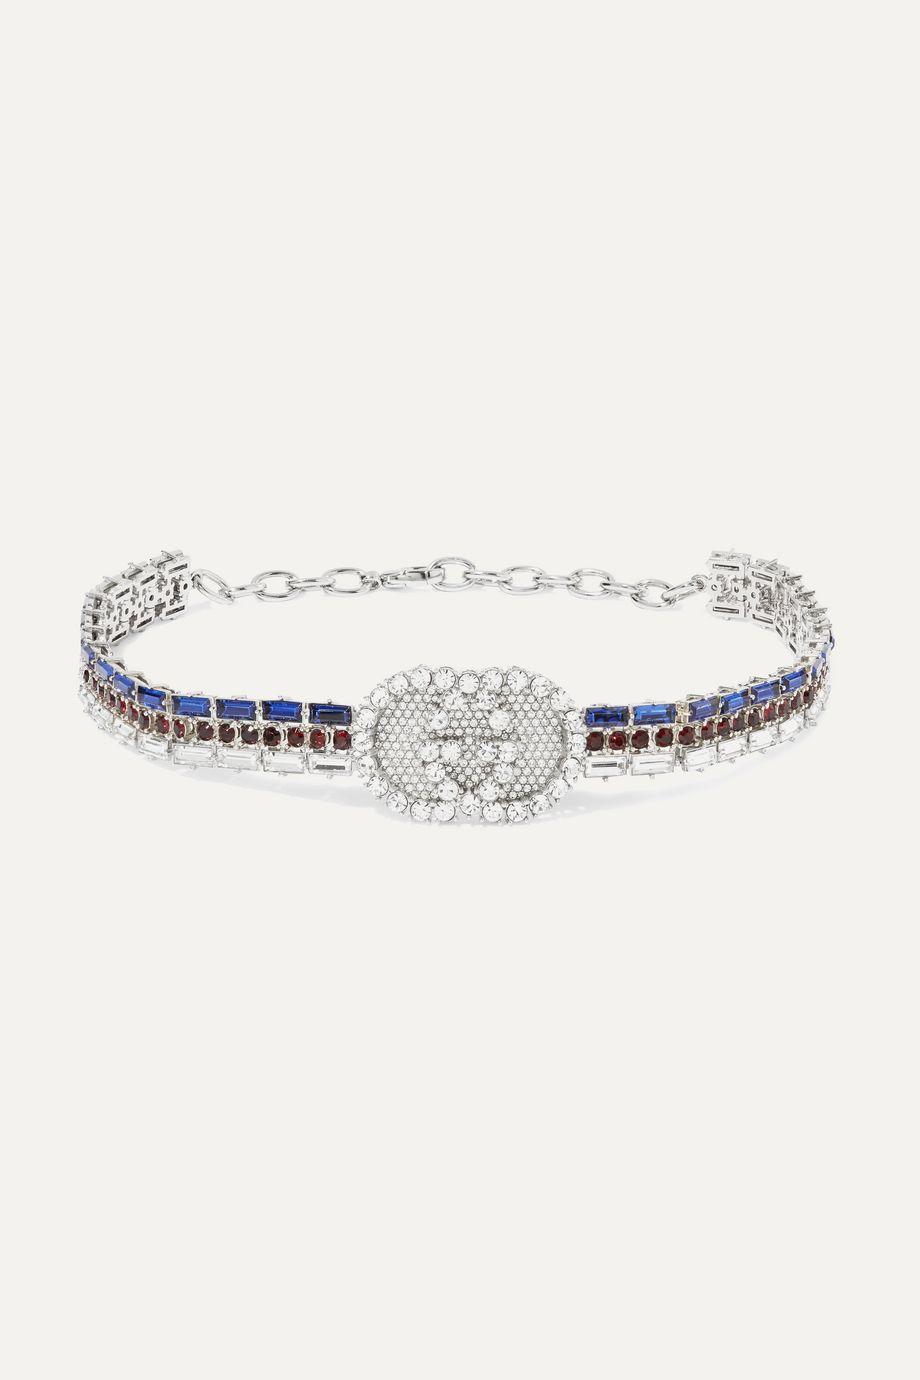 Gucci 水晶镀银项圈式项链